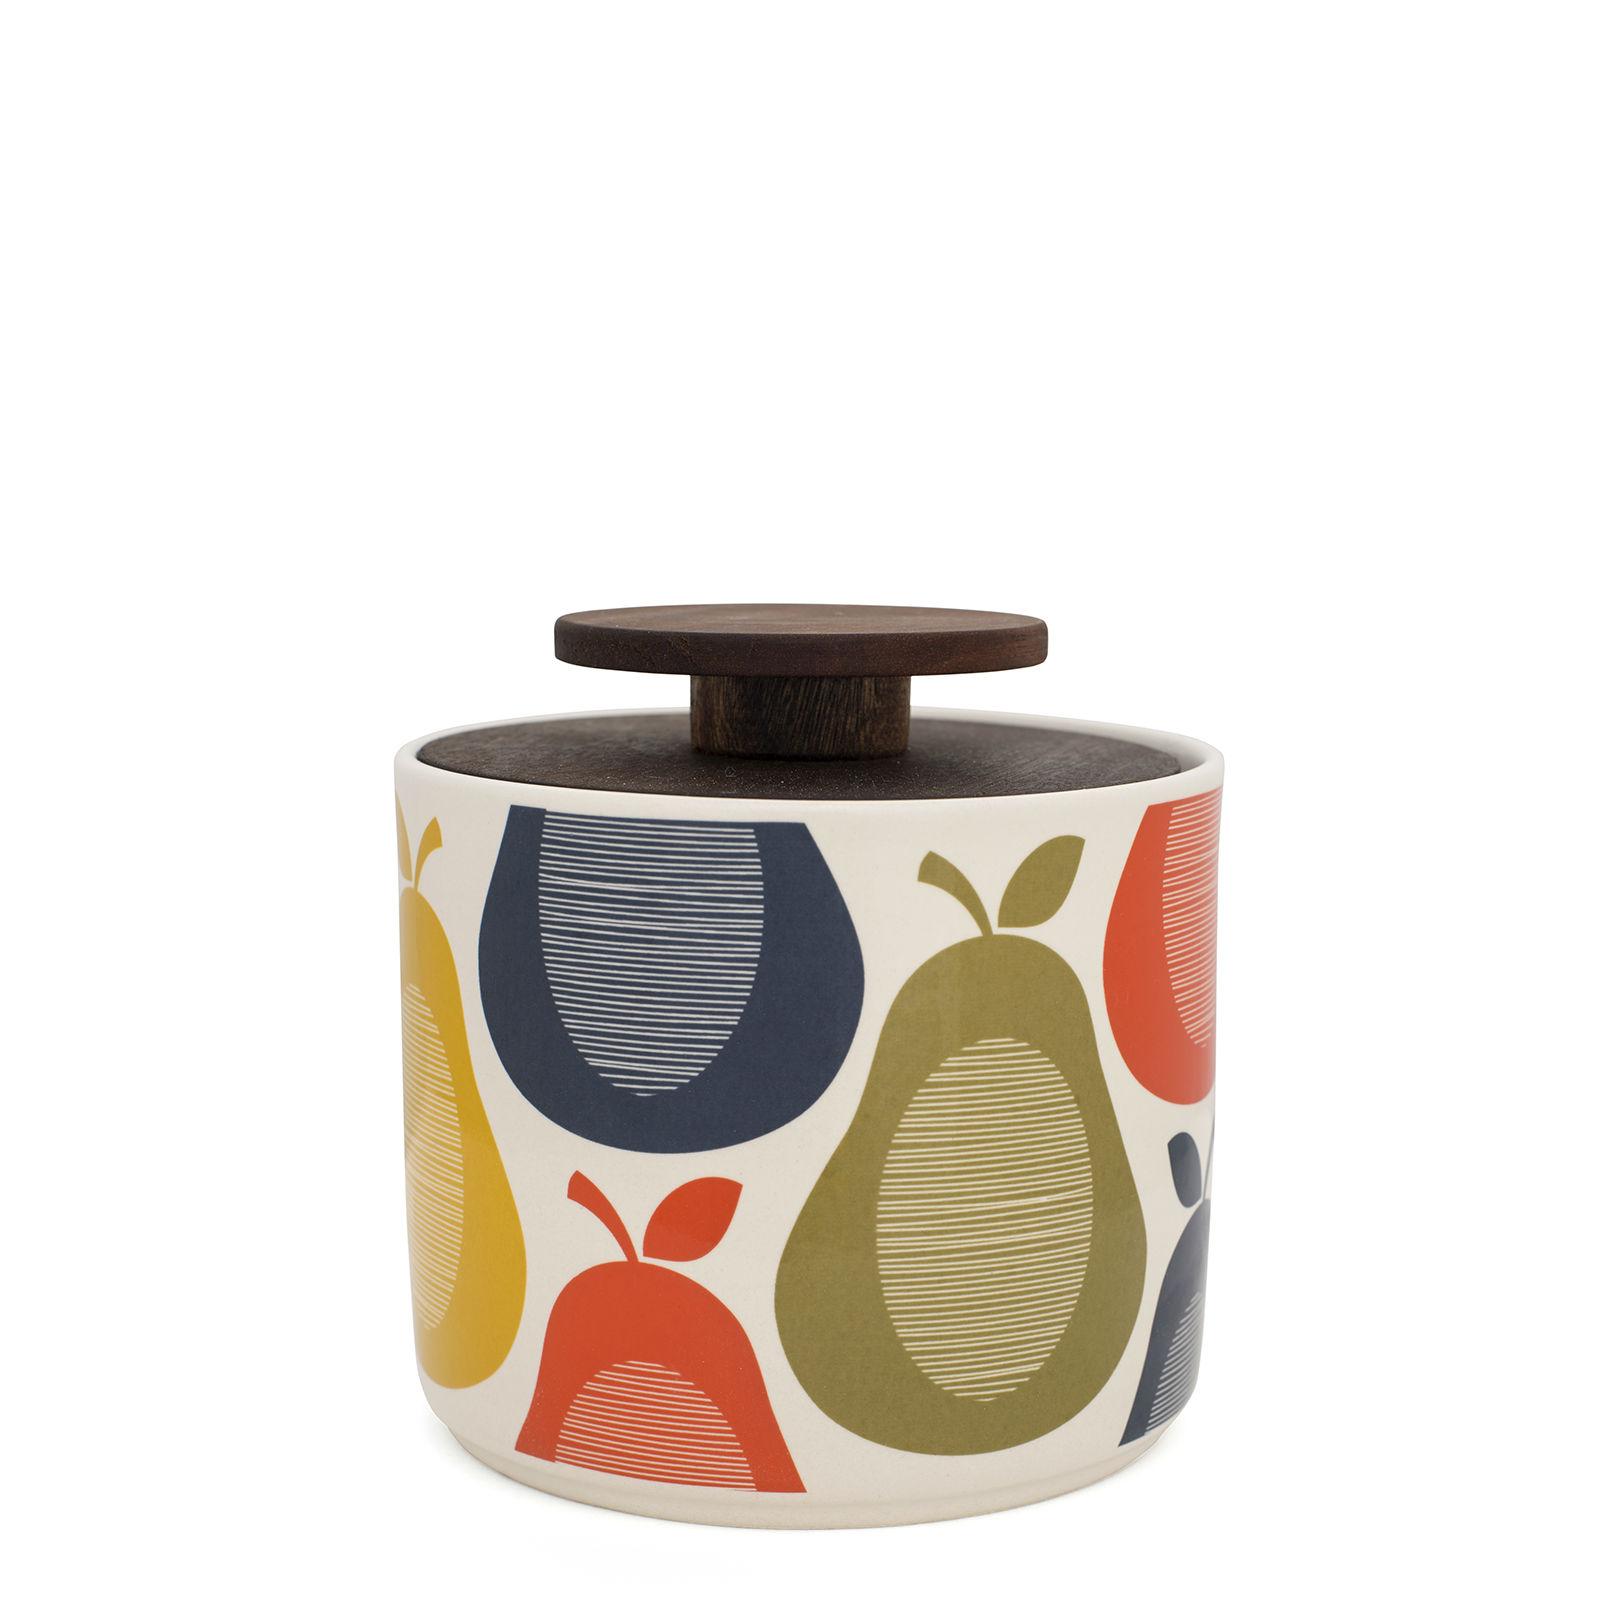 Boites-bocaus-design-Orla-Kiely-07